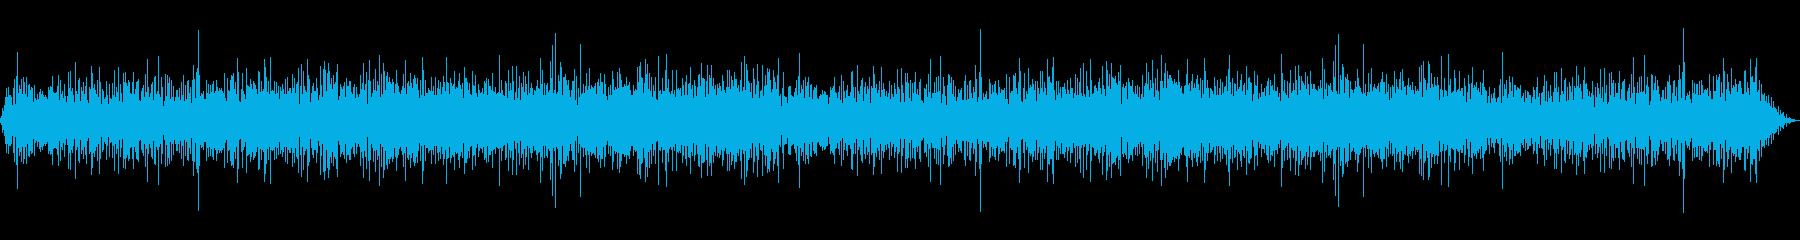 雨の降っている時の癒し環境音01-1の再生済みの波形